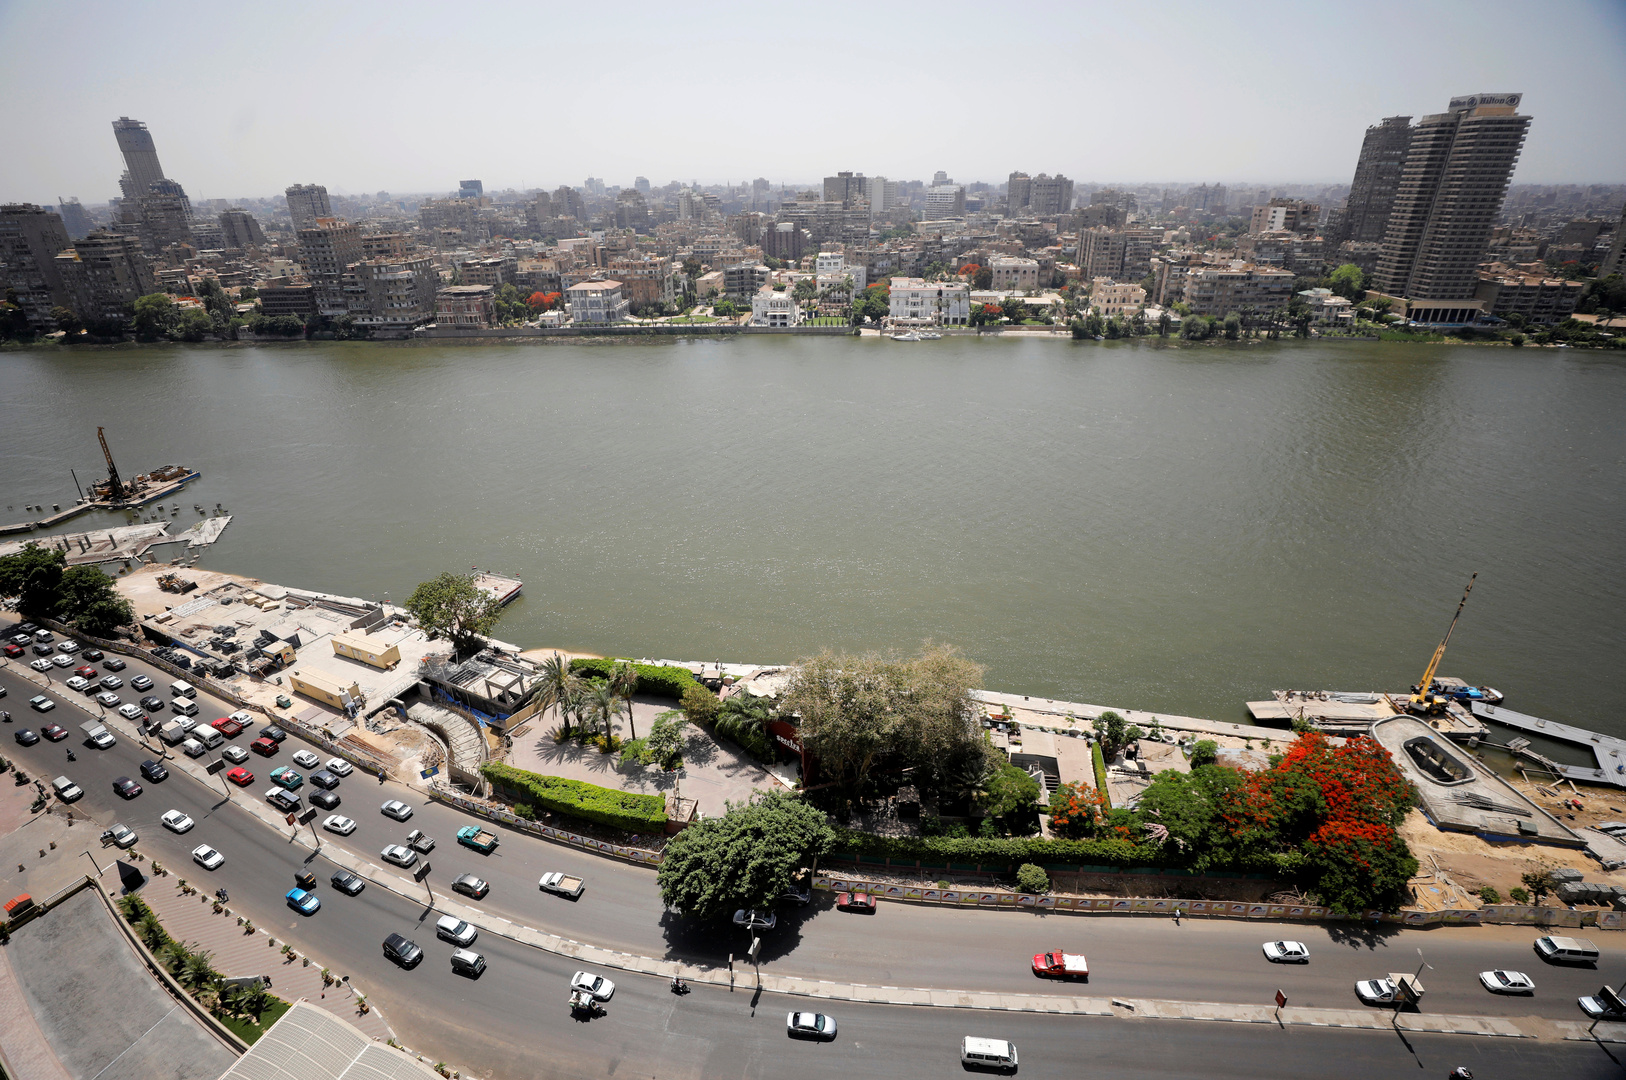 اليوم.. مصر تبدأ تنفيذ أكبر موازنة عامة فى تاريخها